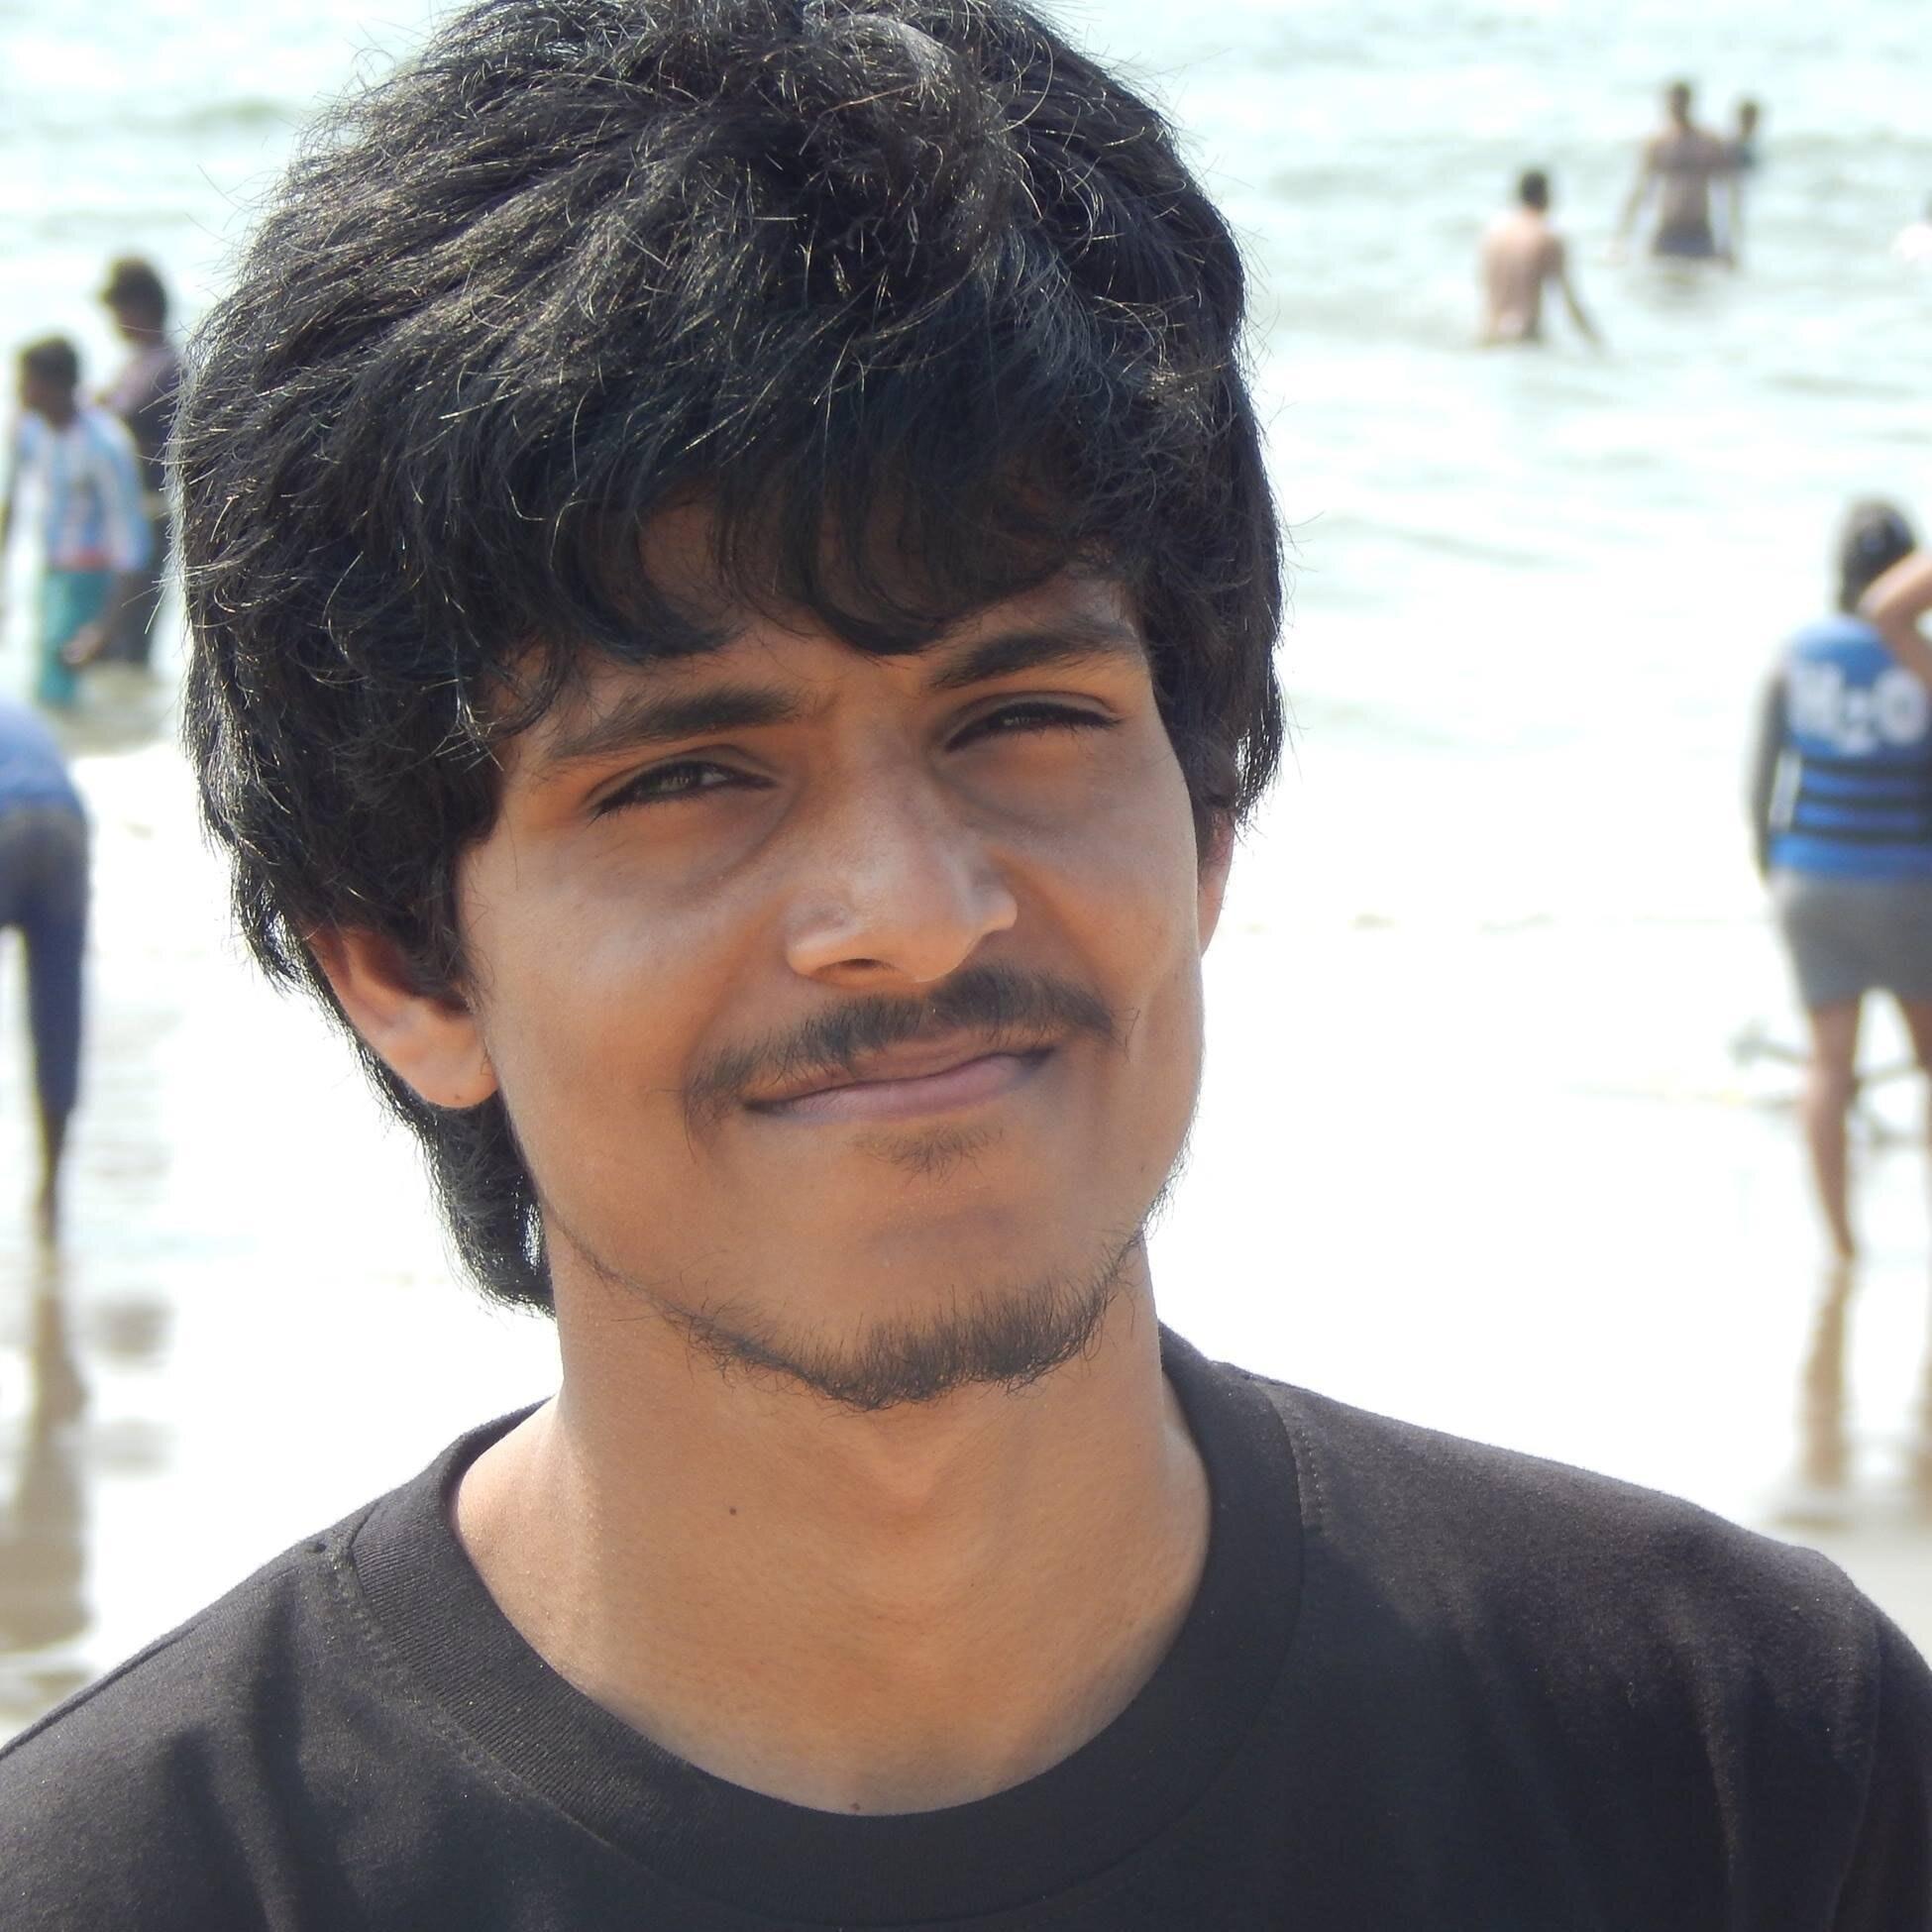 Sai Suman Prayaga